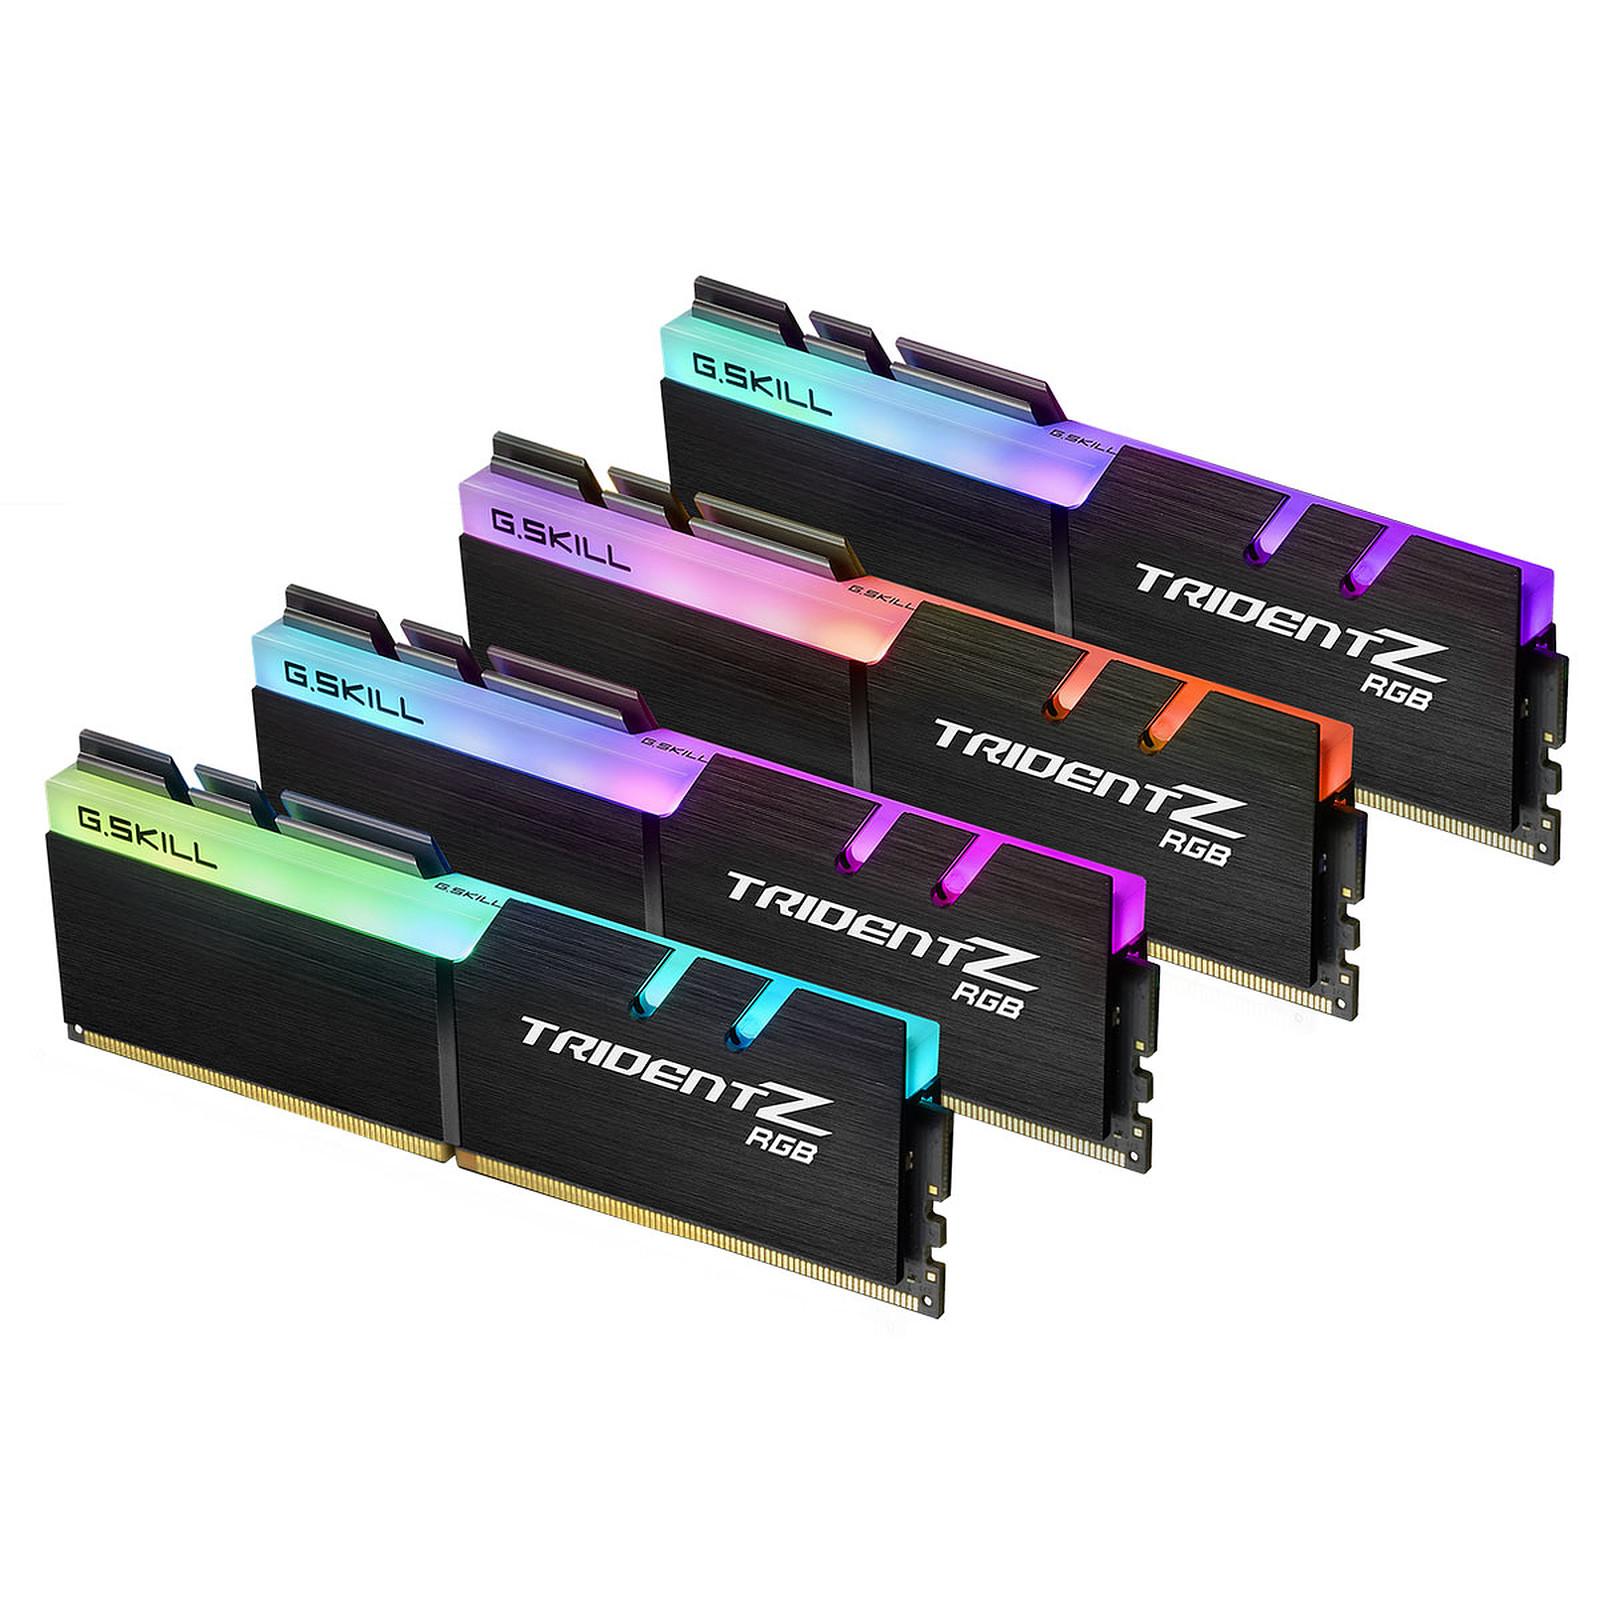 G.Skill Trident Z RGB 64Go (4x 16 Go) DDR4 3200 MHz CL16